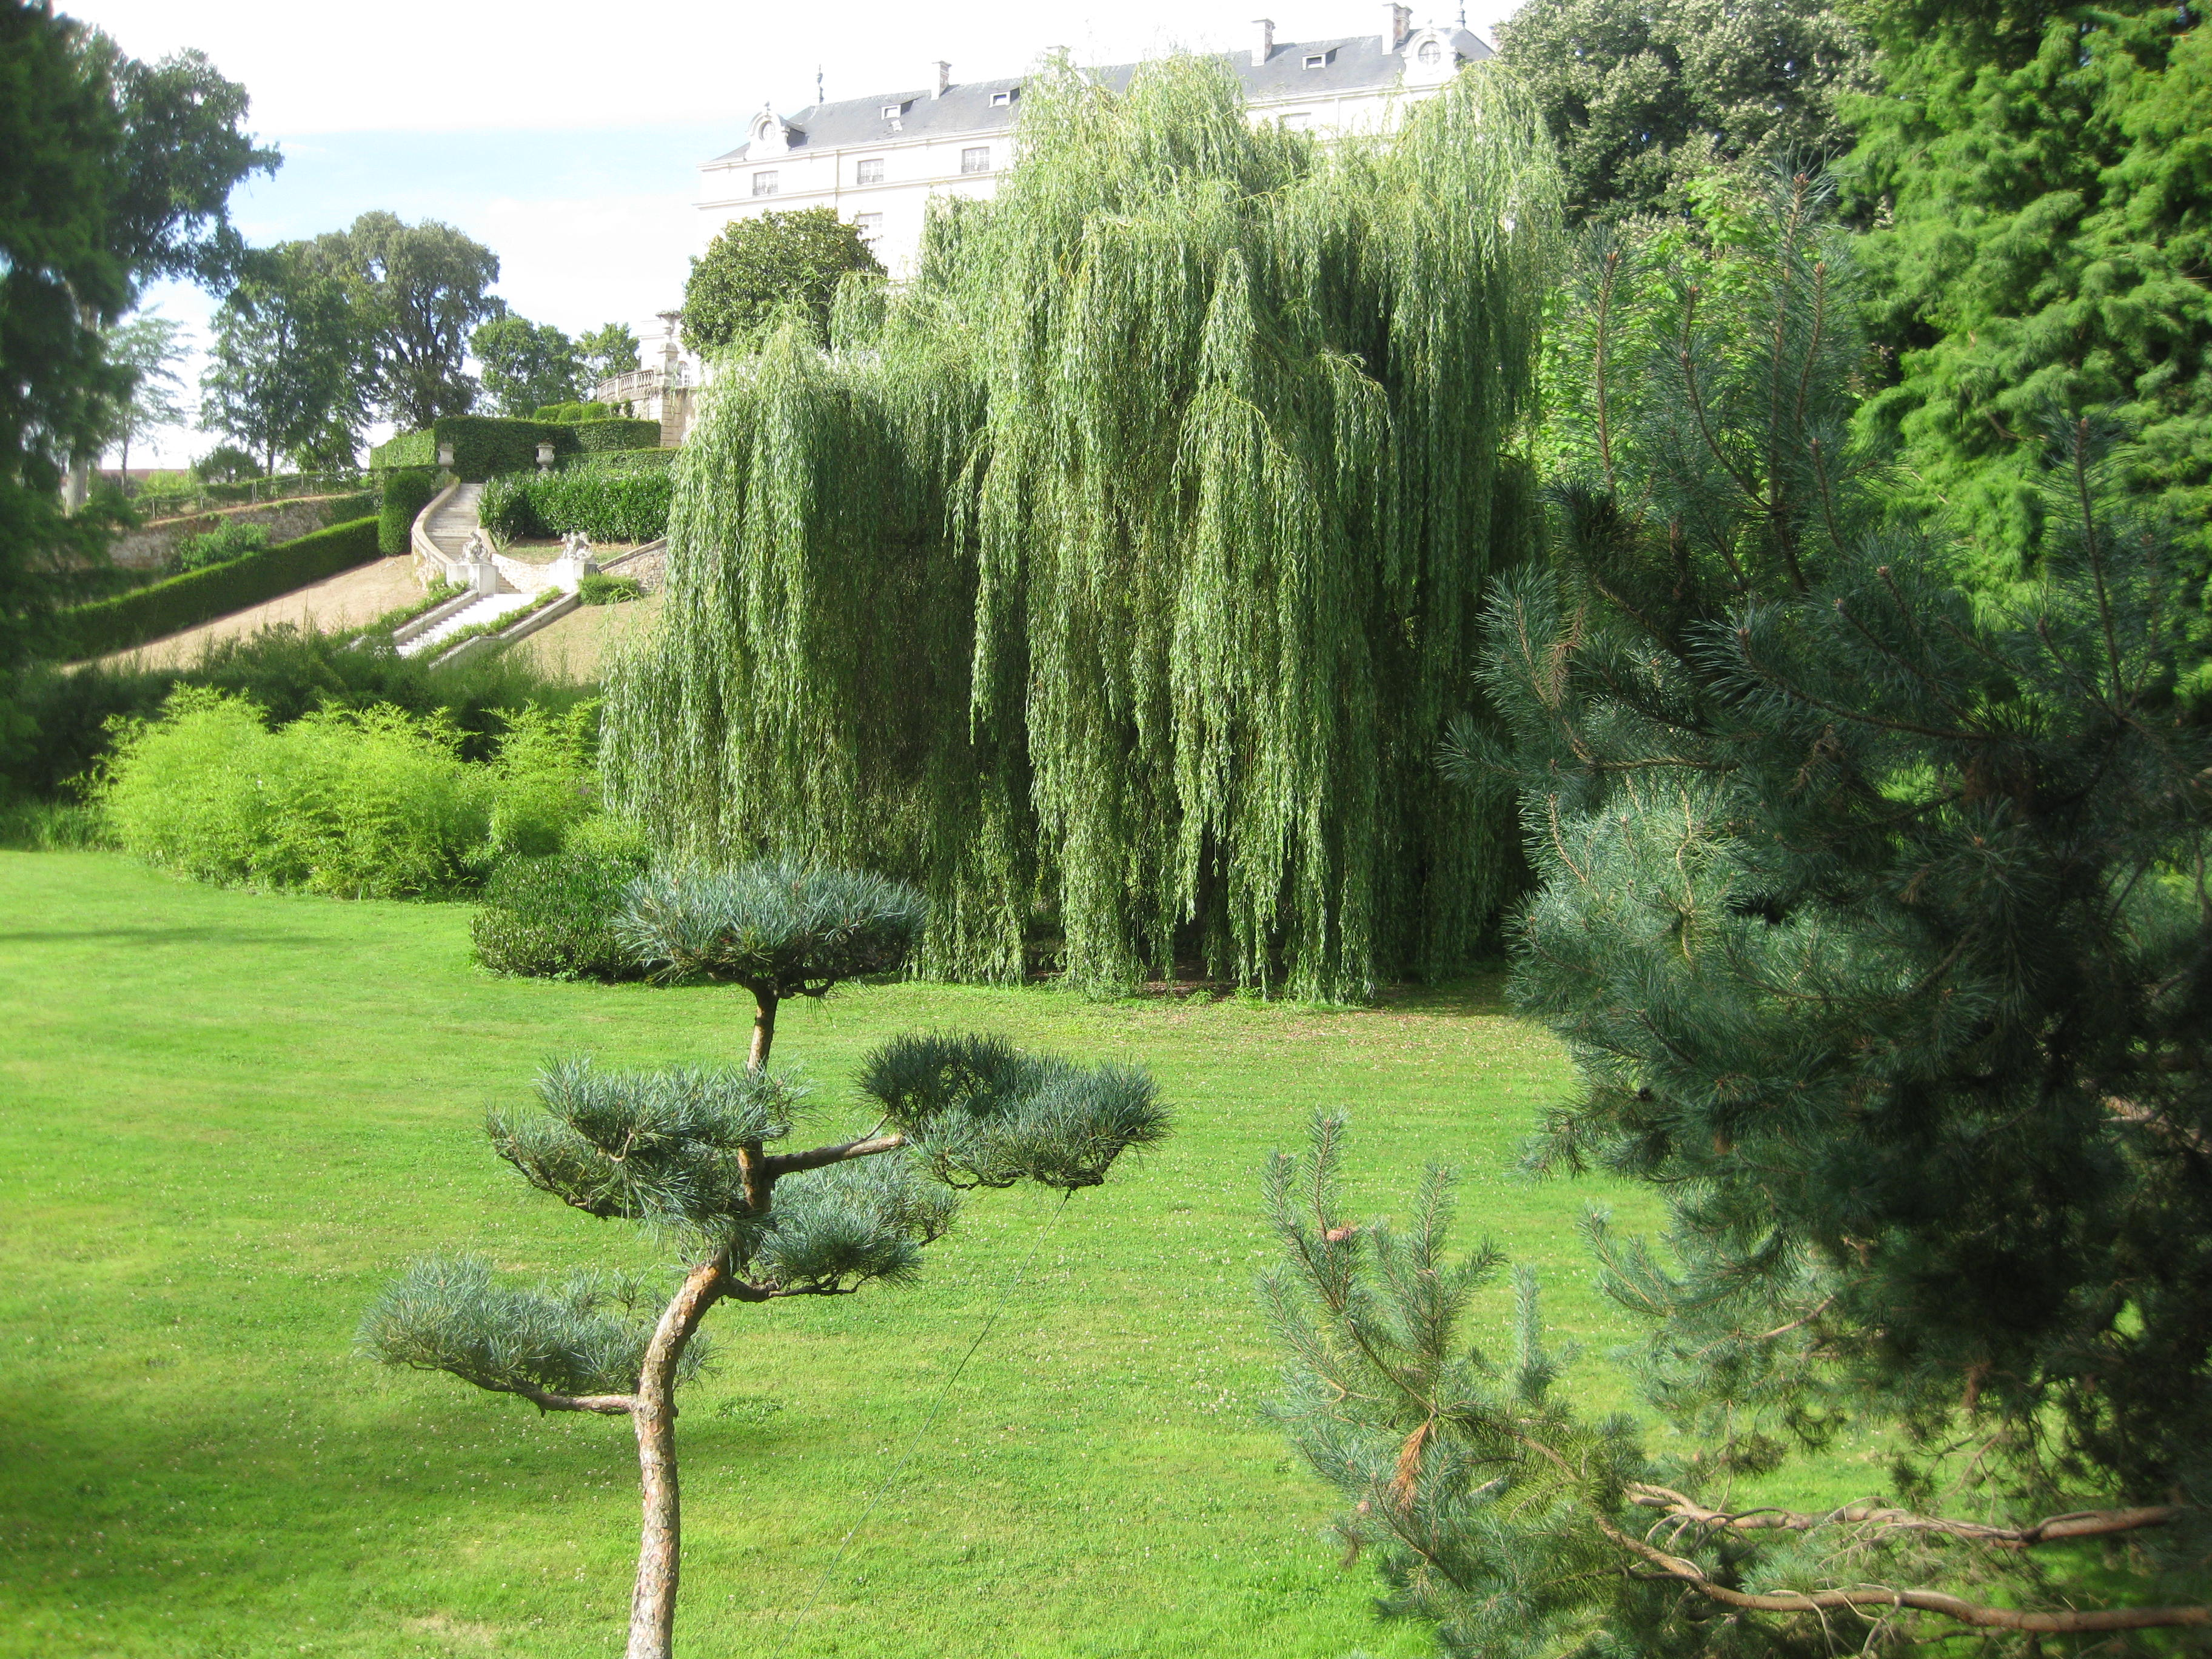 Le plus grand jardin japonais d 39 europe 29 ha milfontaines for Jardin japonais cholet